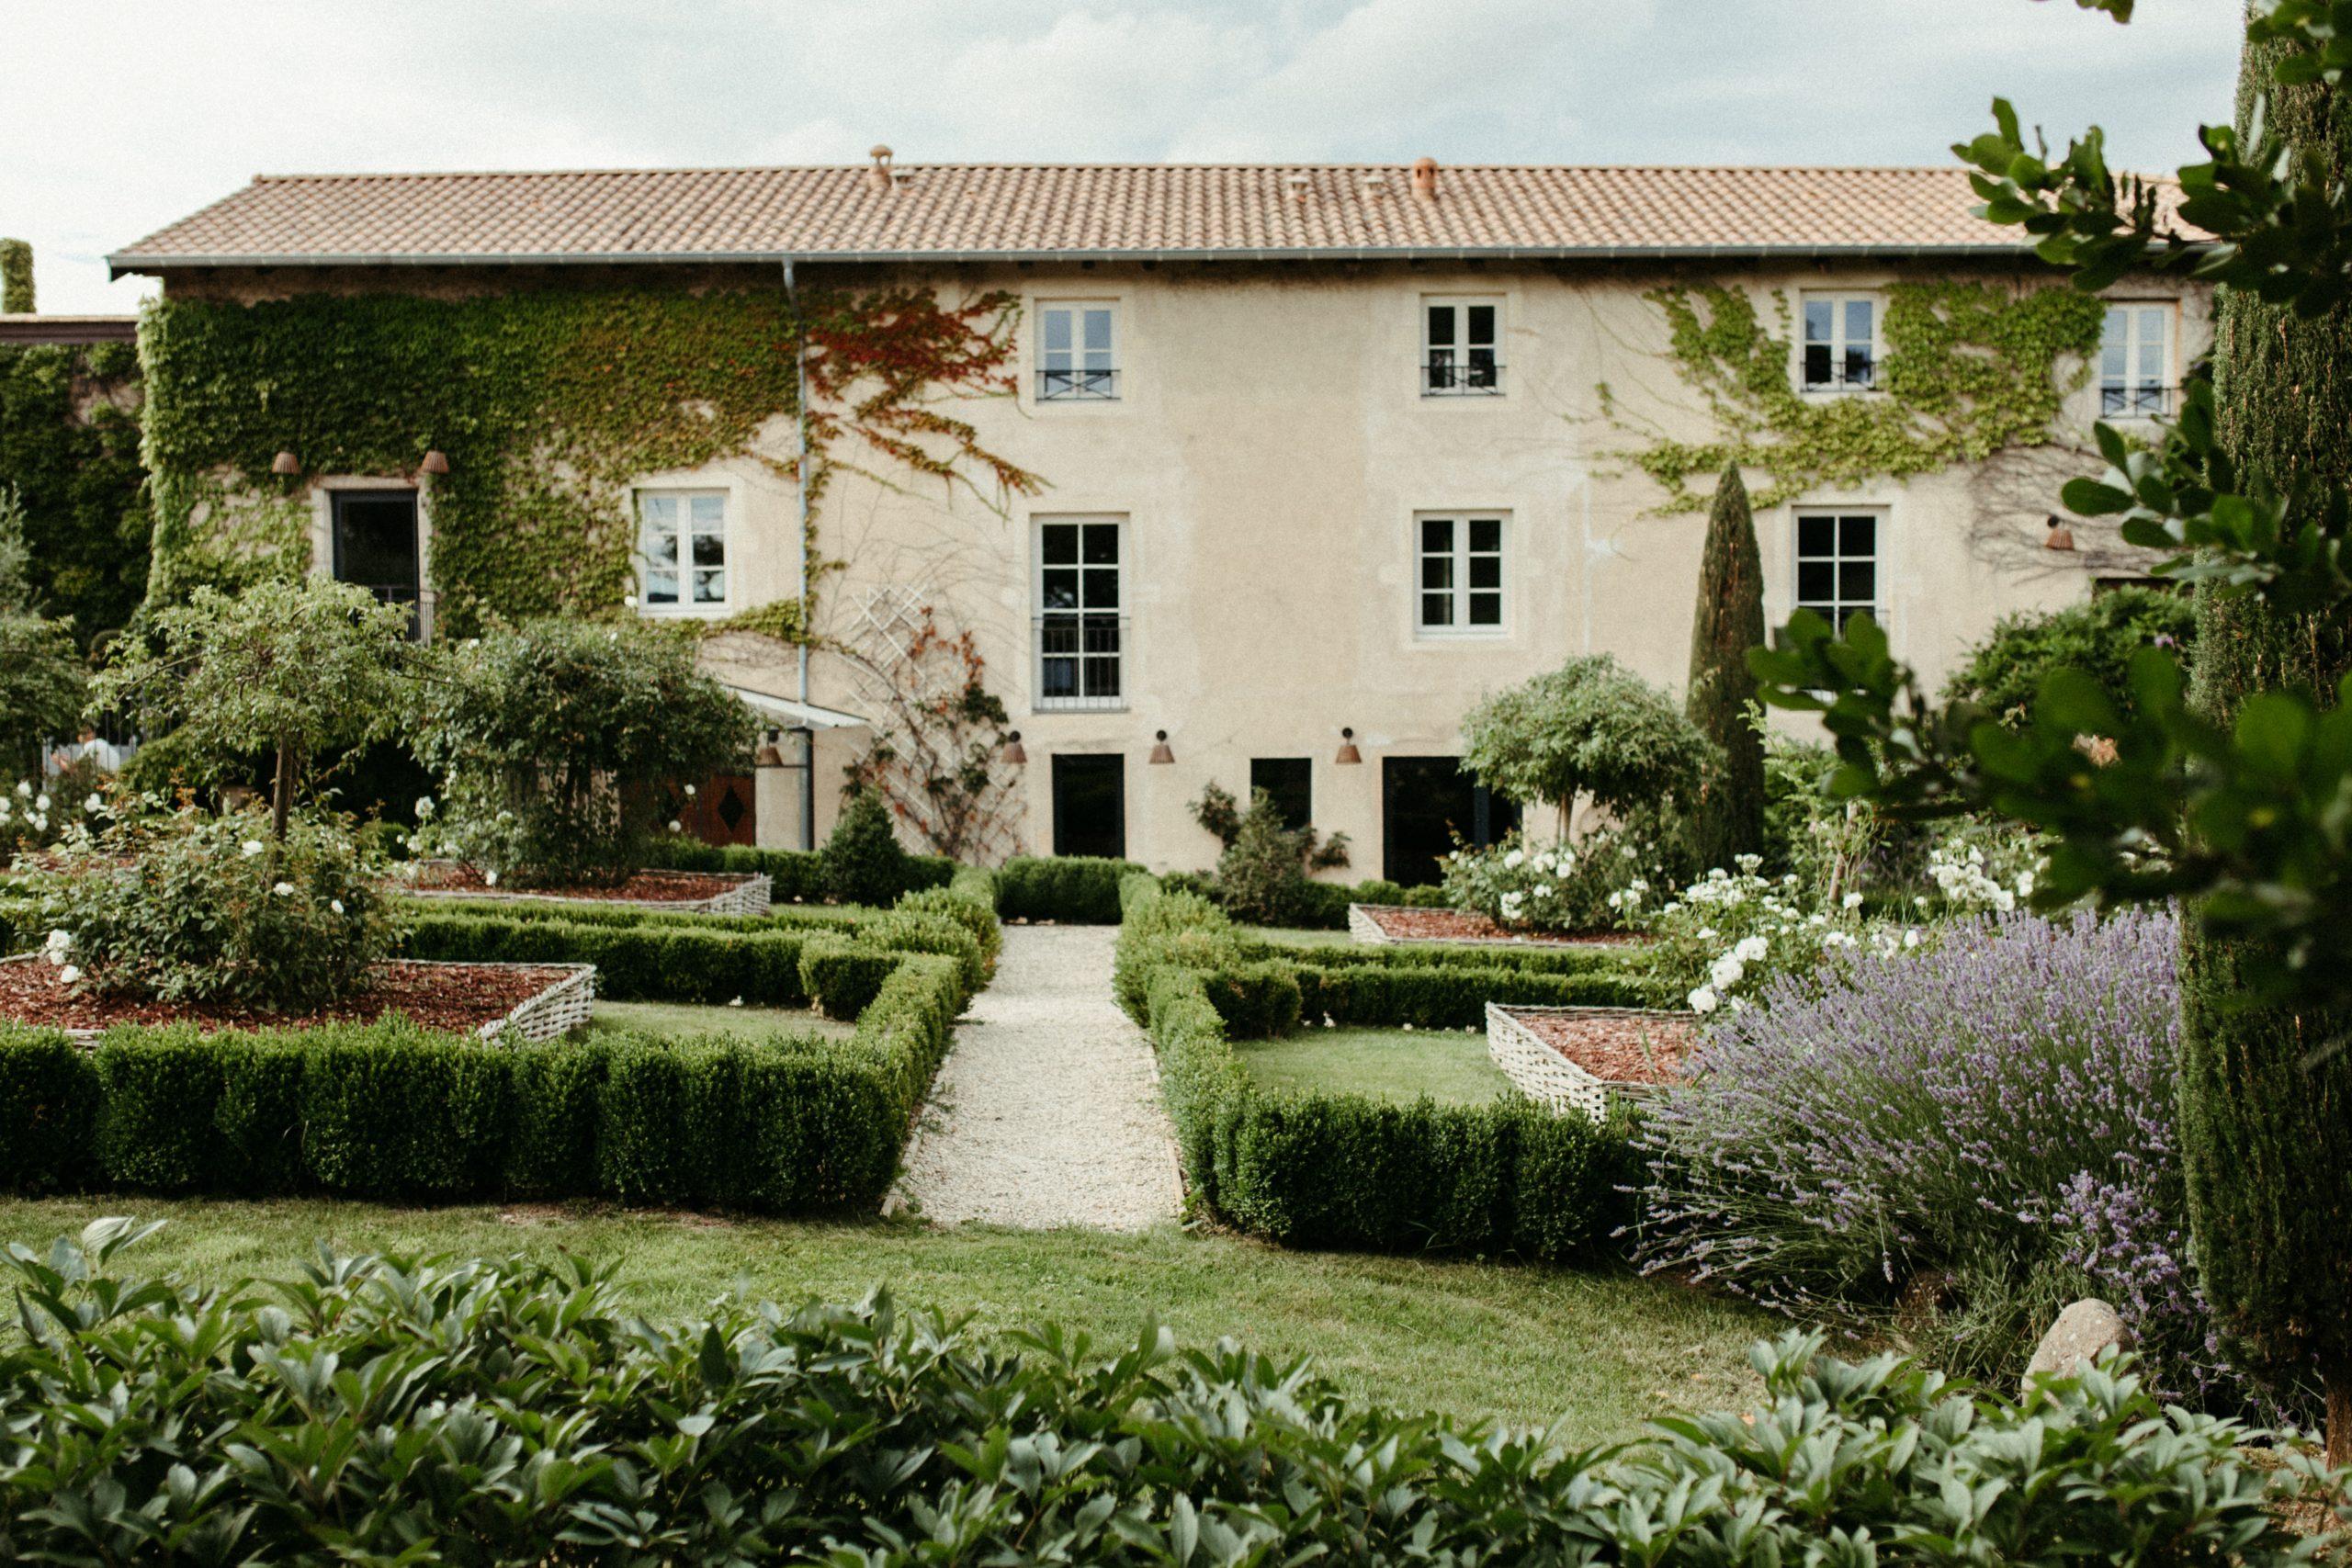 UTOPICLOVERS20200702 – EDITO Jérémie Sésanne Lajarveniere 8694 1 scaled - Un mariage élégant et végétal dans le Beaujolais